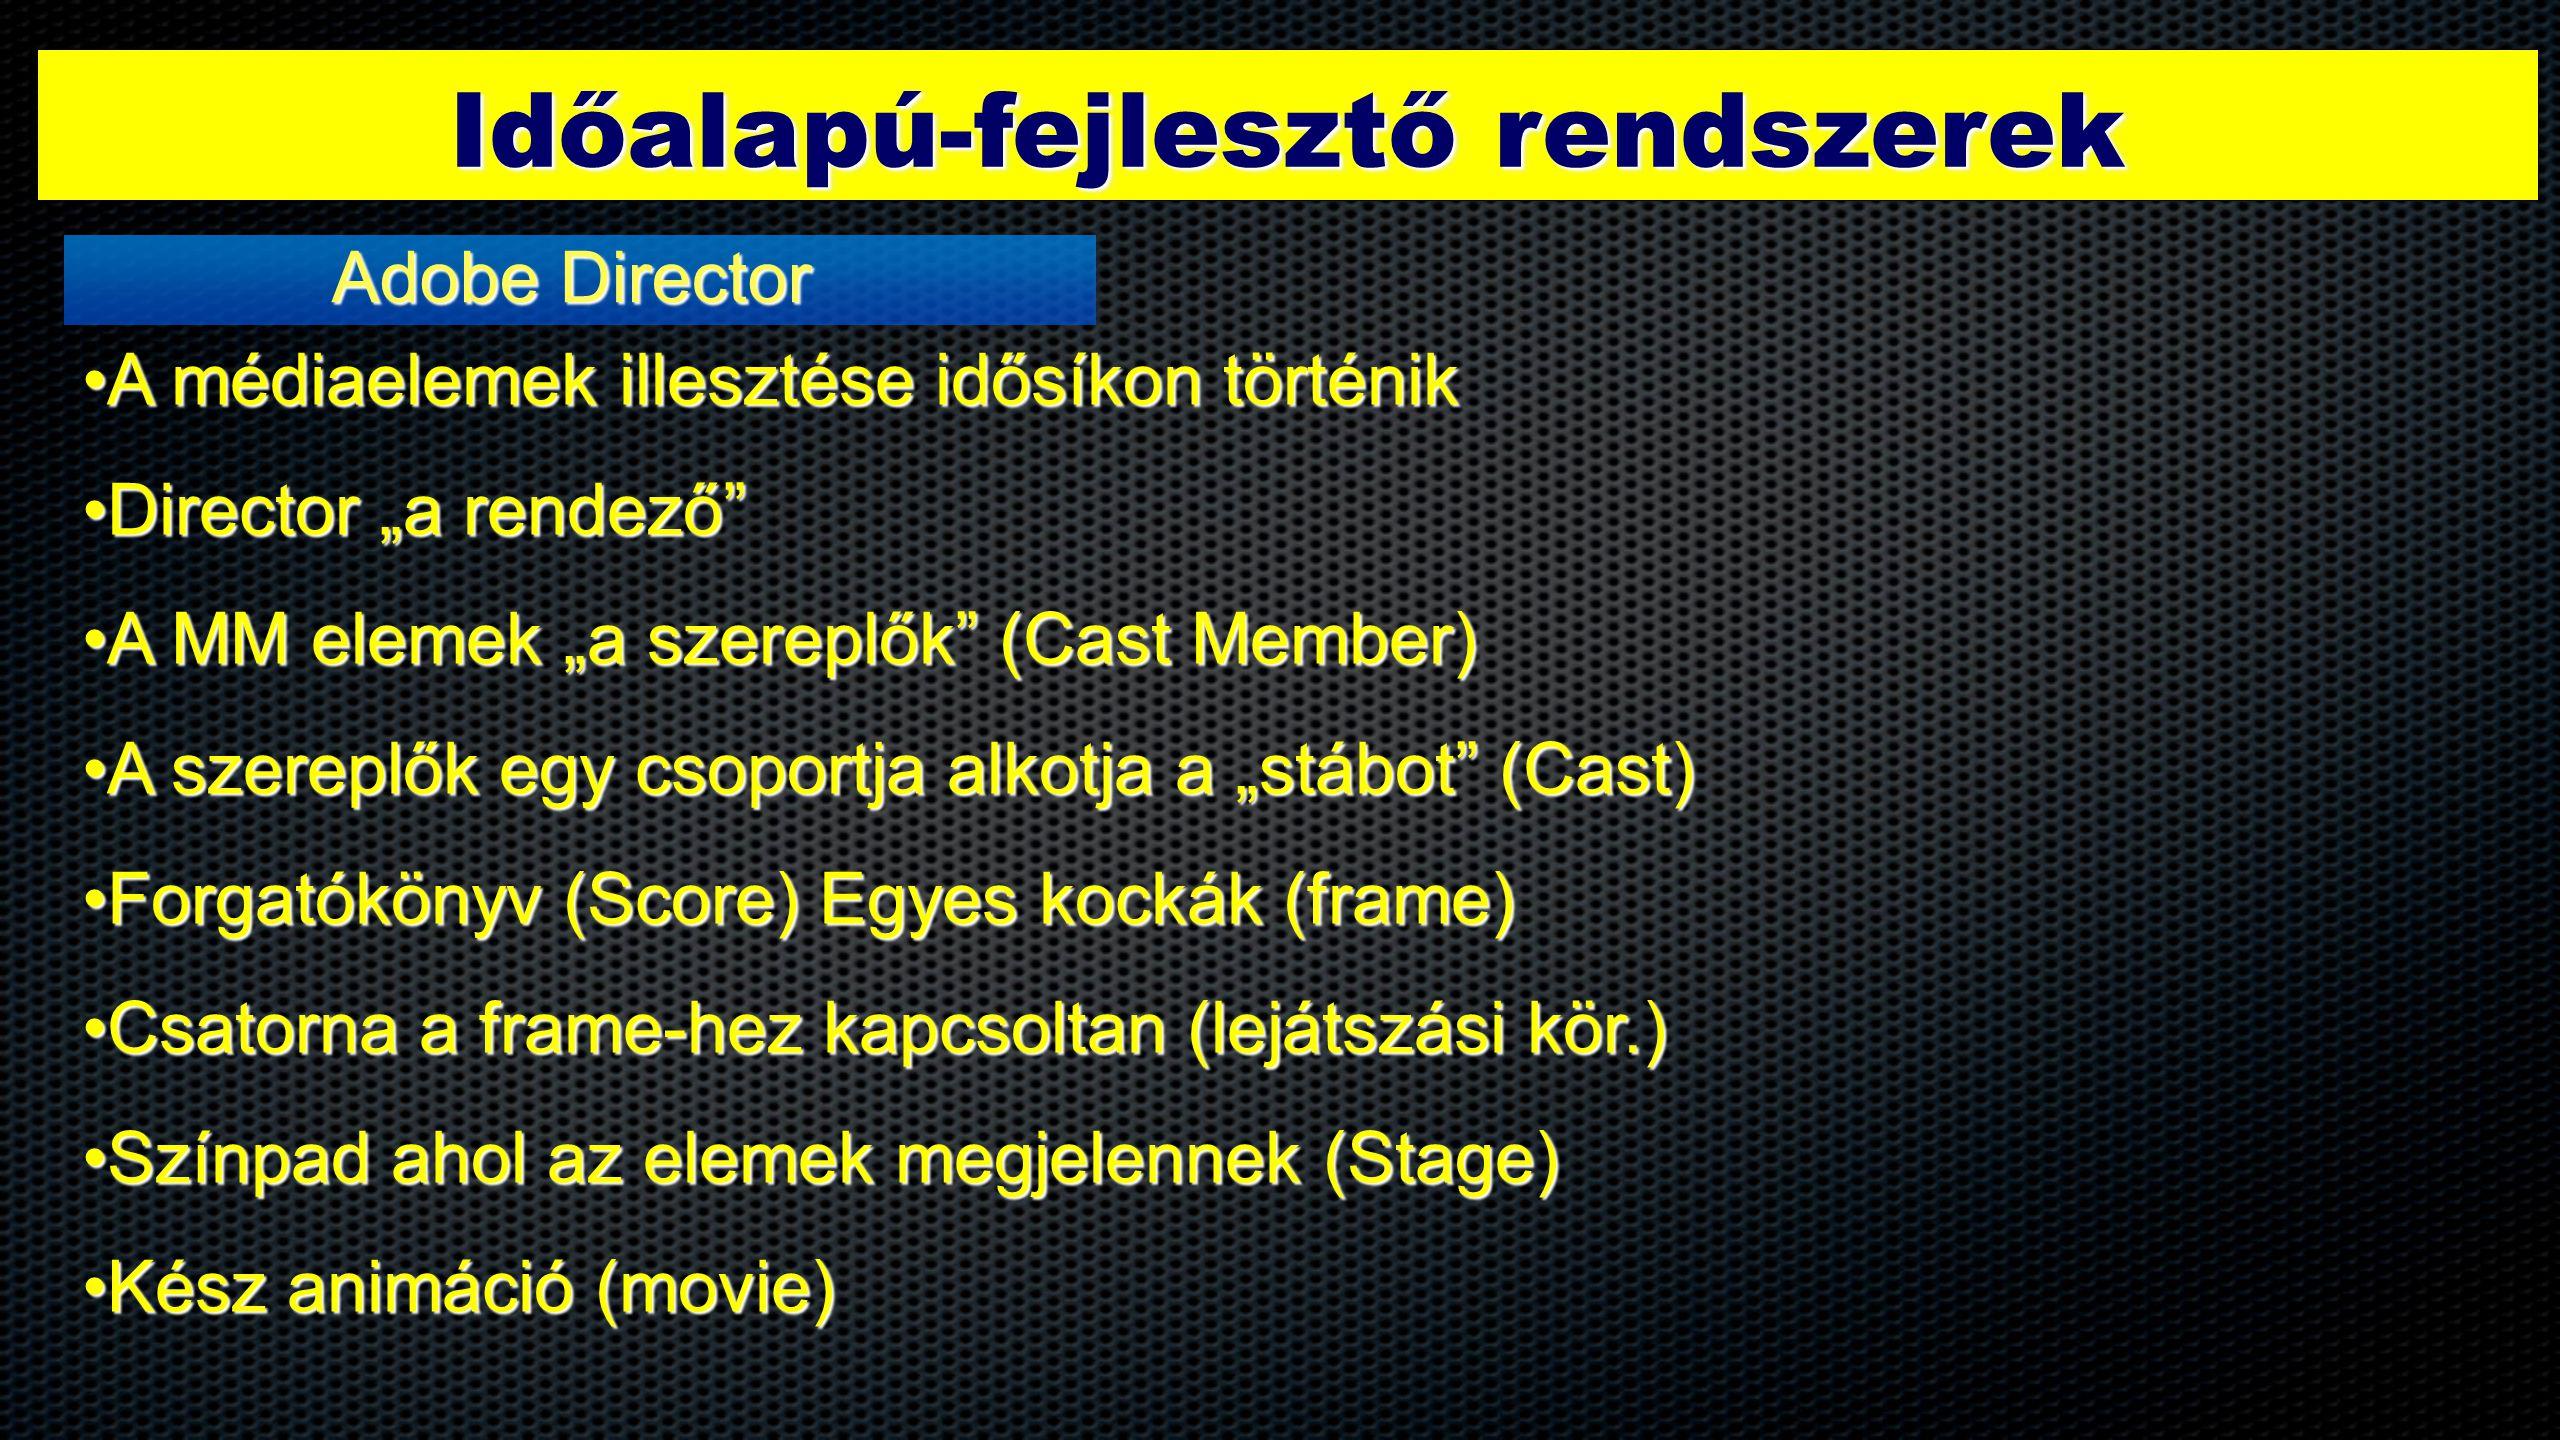 """Időalapú-fejlesztő rendszerek Adobe Director •A médiaelemek illesztése idősíkon történik •Director """"a rendező"""" •A MM elemek """"a szereplők"""" (Cast Member"""